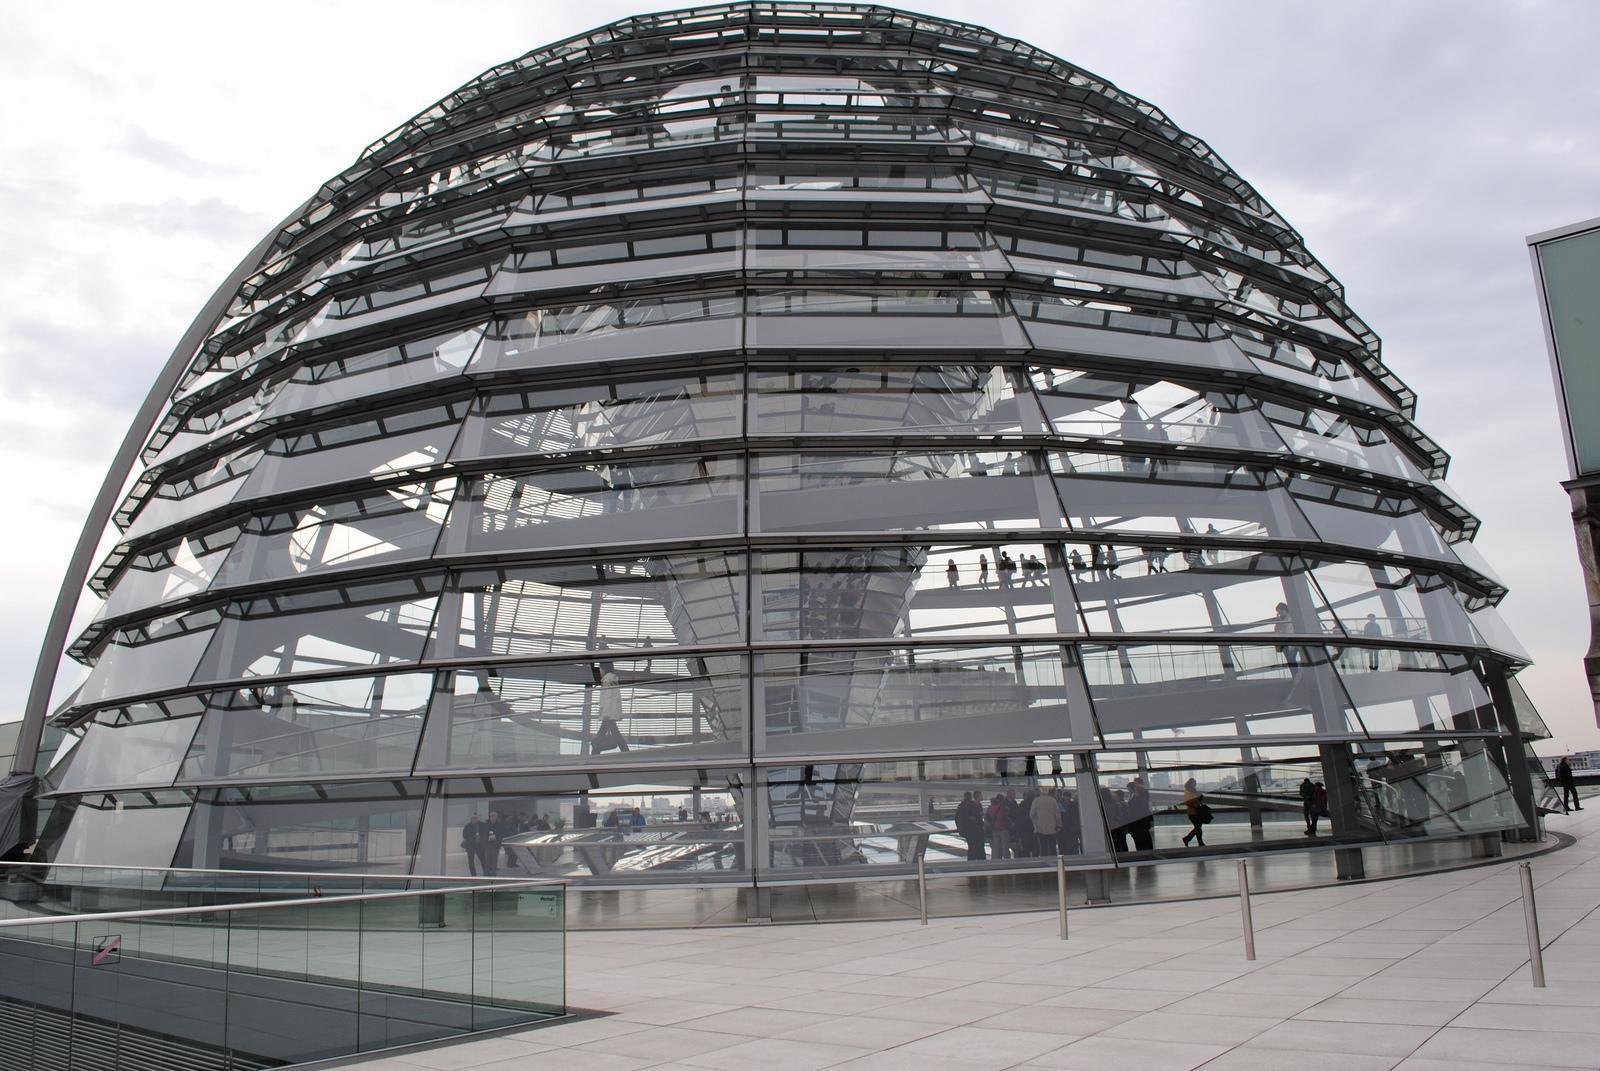 reichstag6 Visit the Reichstag in Berlin